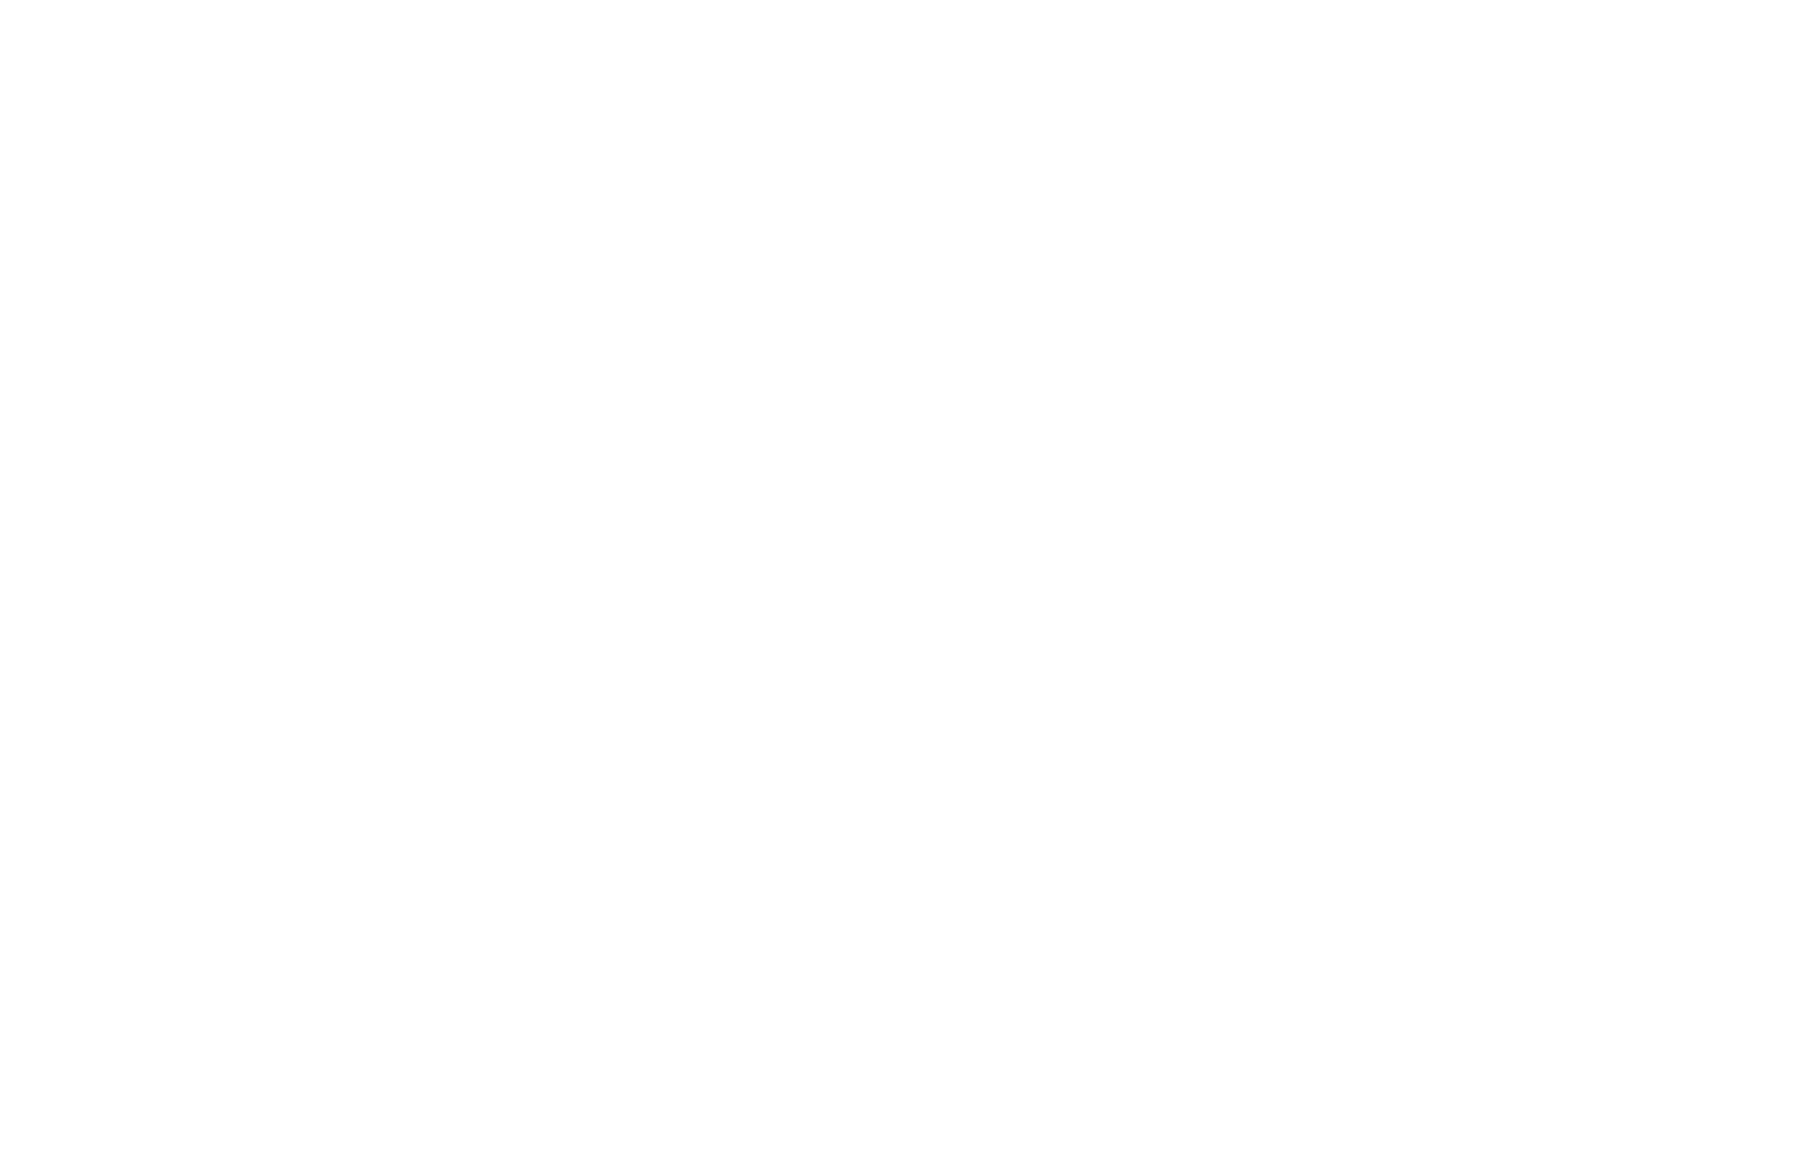 Les Ateliers Boggio